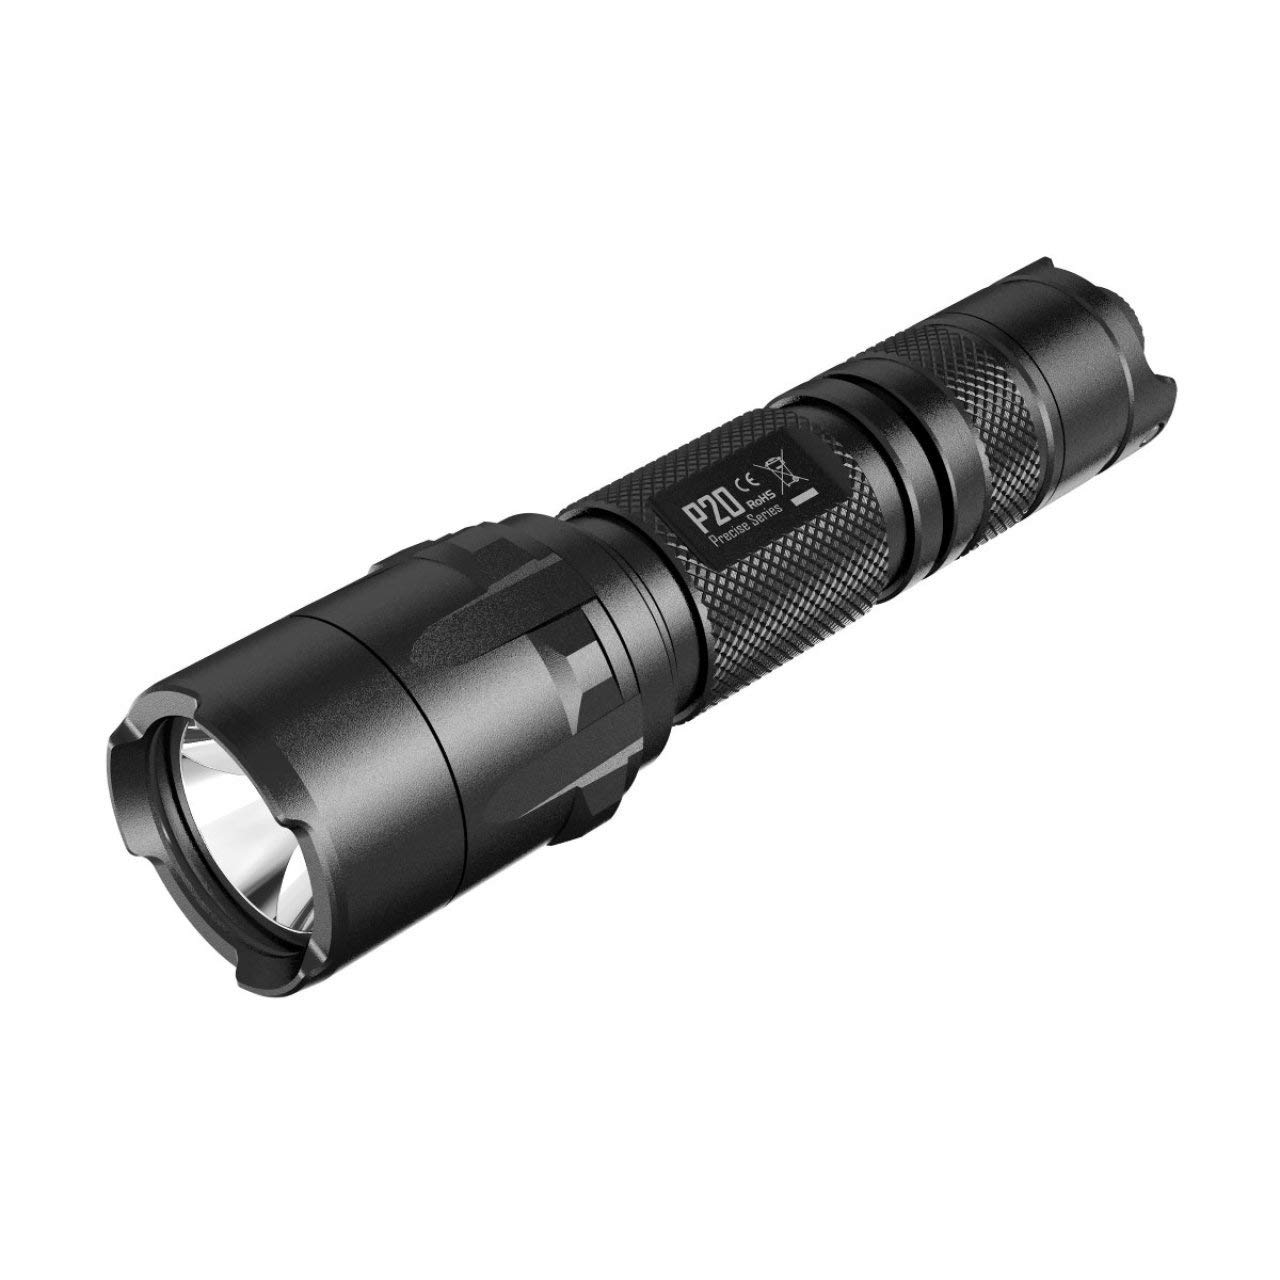 Akku-net Nitecore Precise P20 XM-L2 LED Taschenlampe 800 Lumen